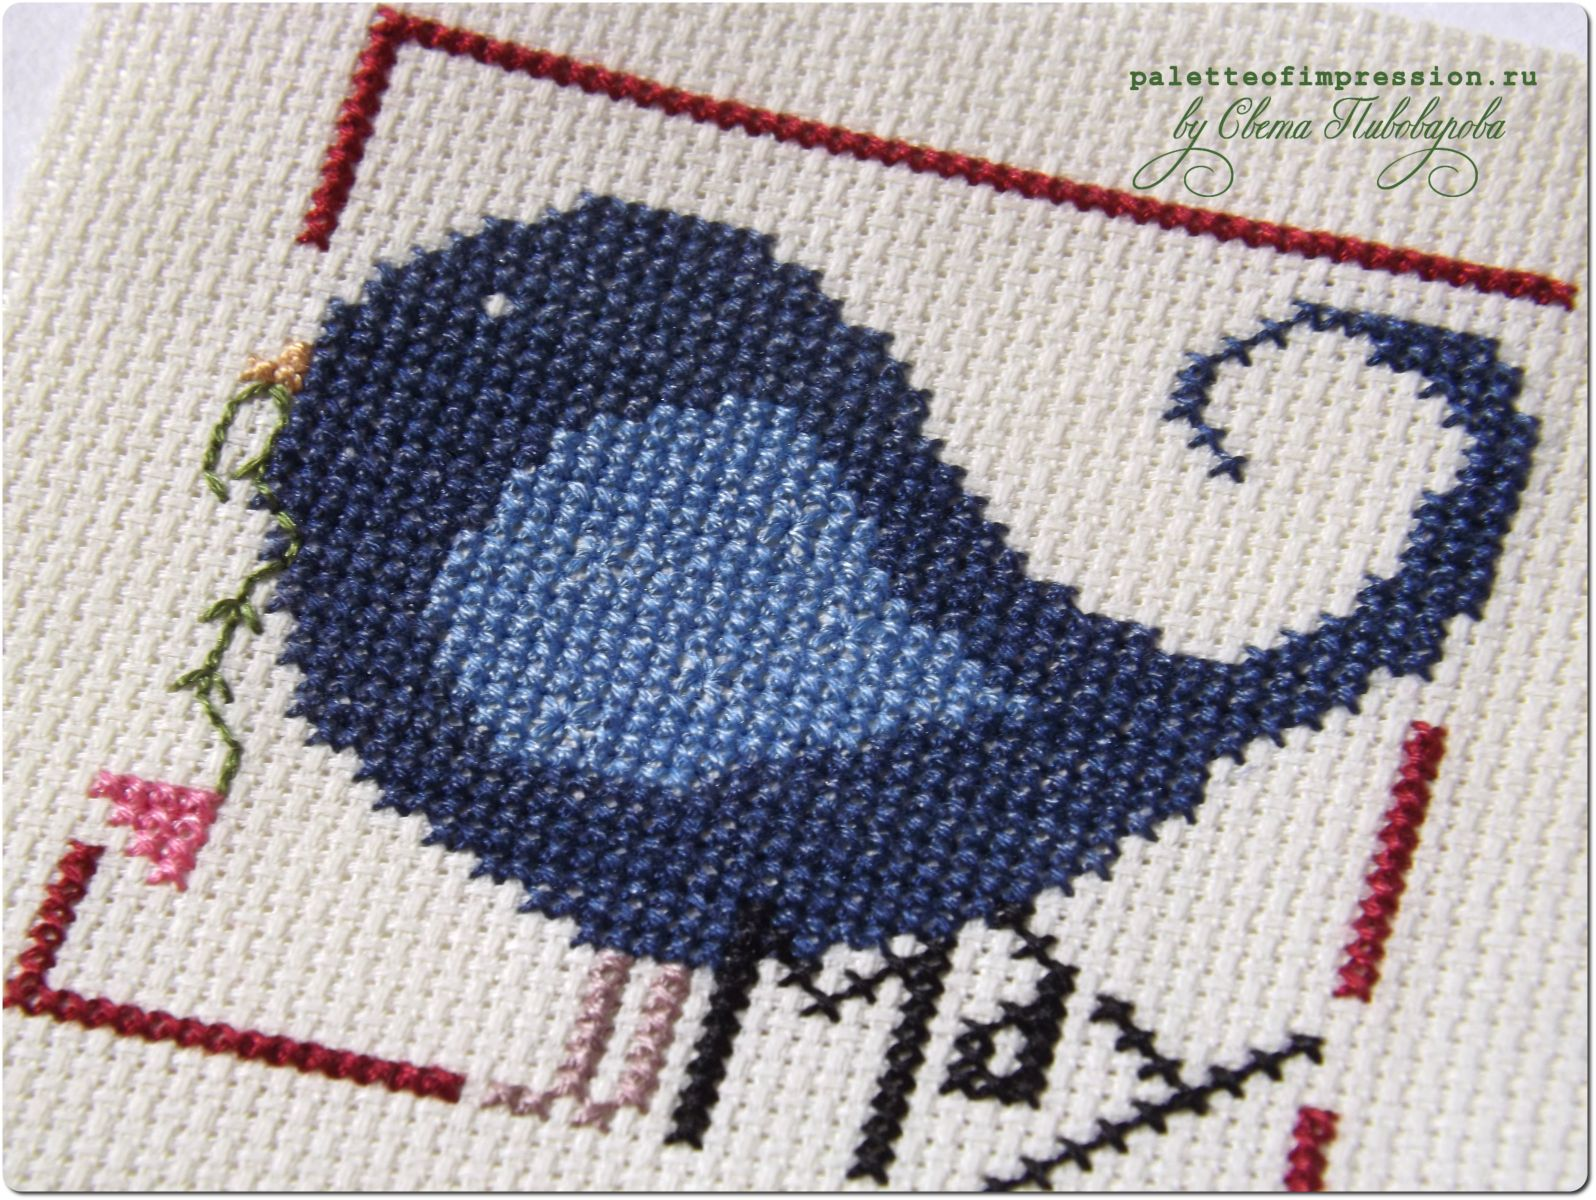 Вышитый календарь. Вышивка крестом. Май. Синяя птица